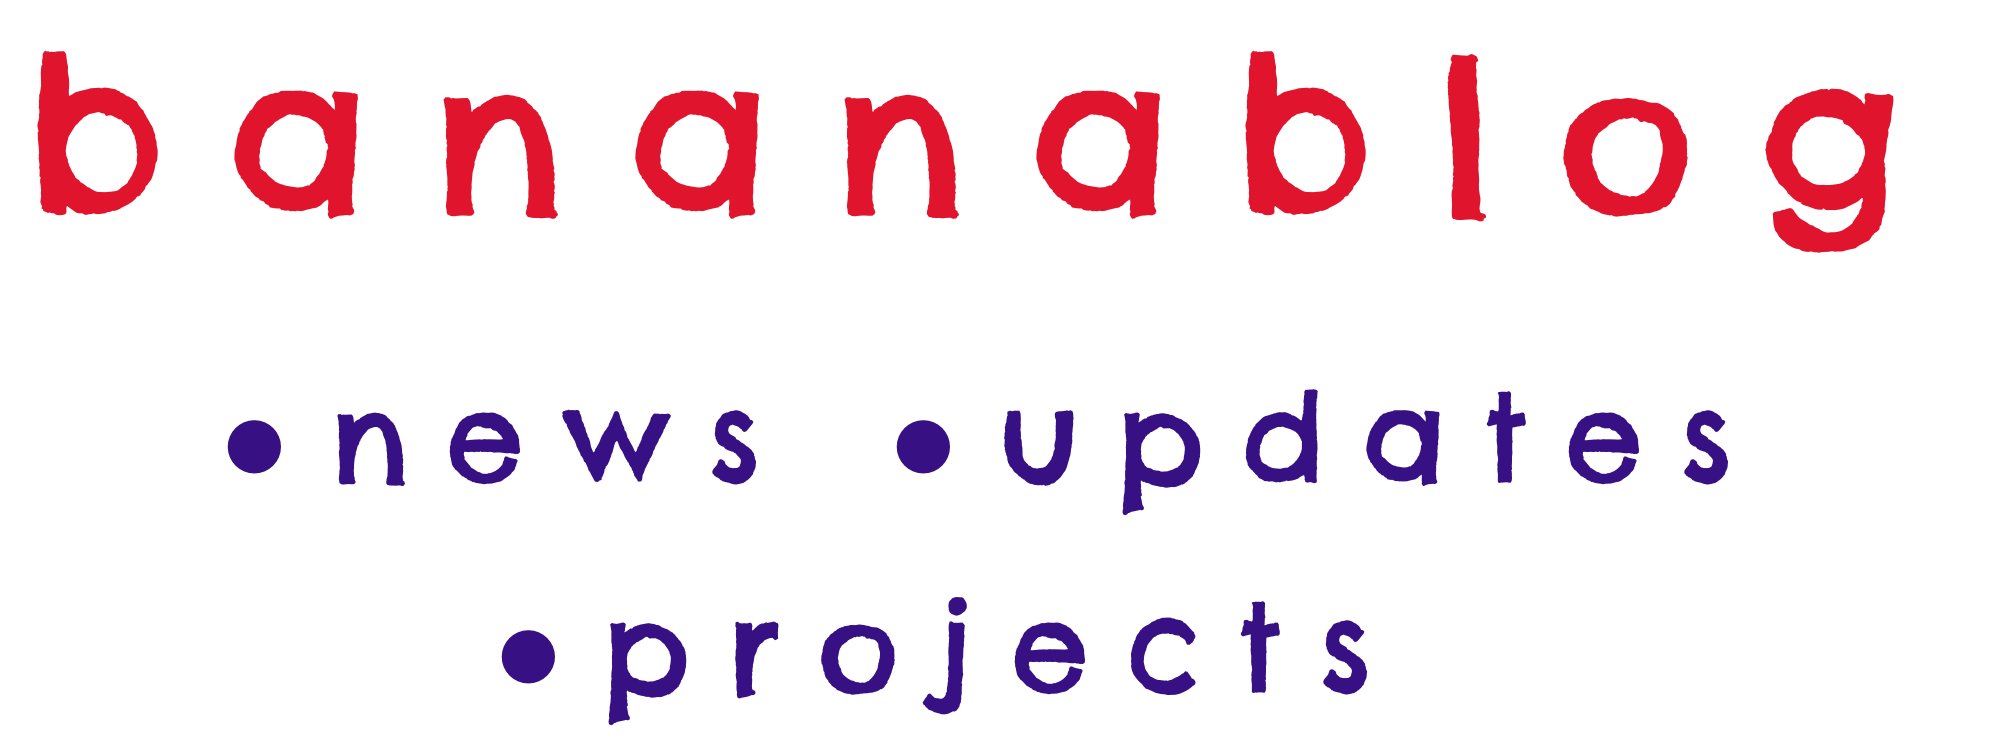 bananablog-title-halfpeeledbanana.png